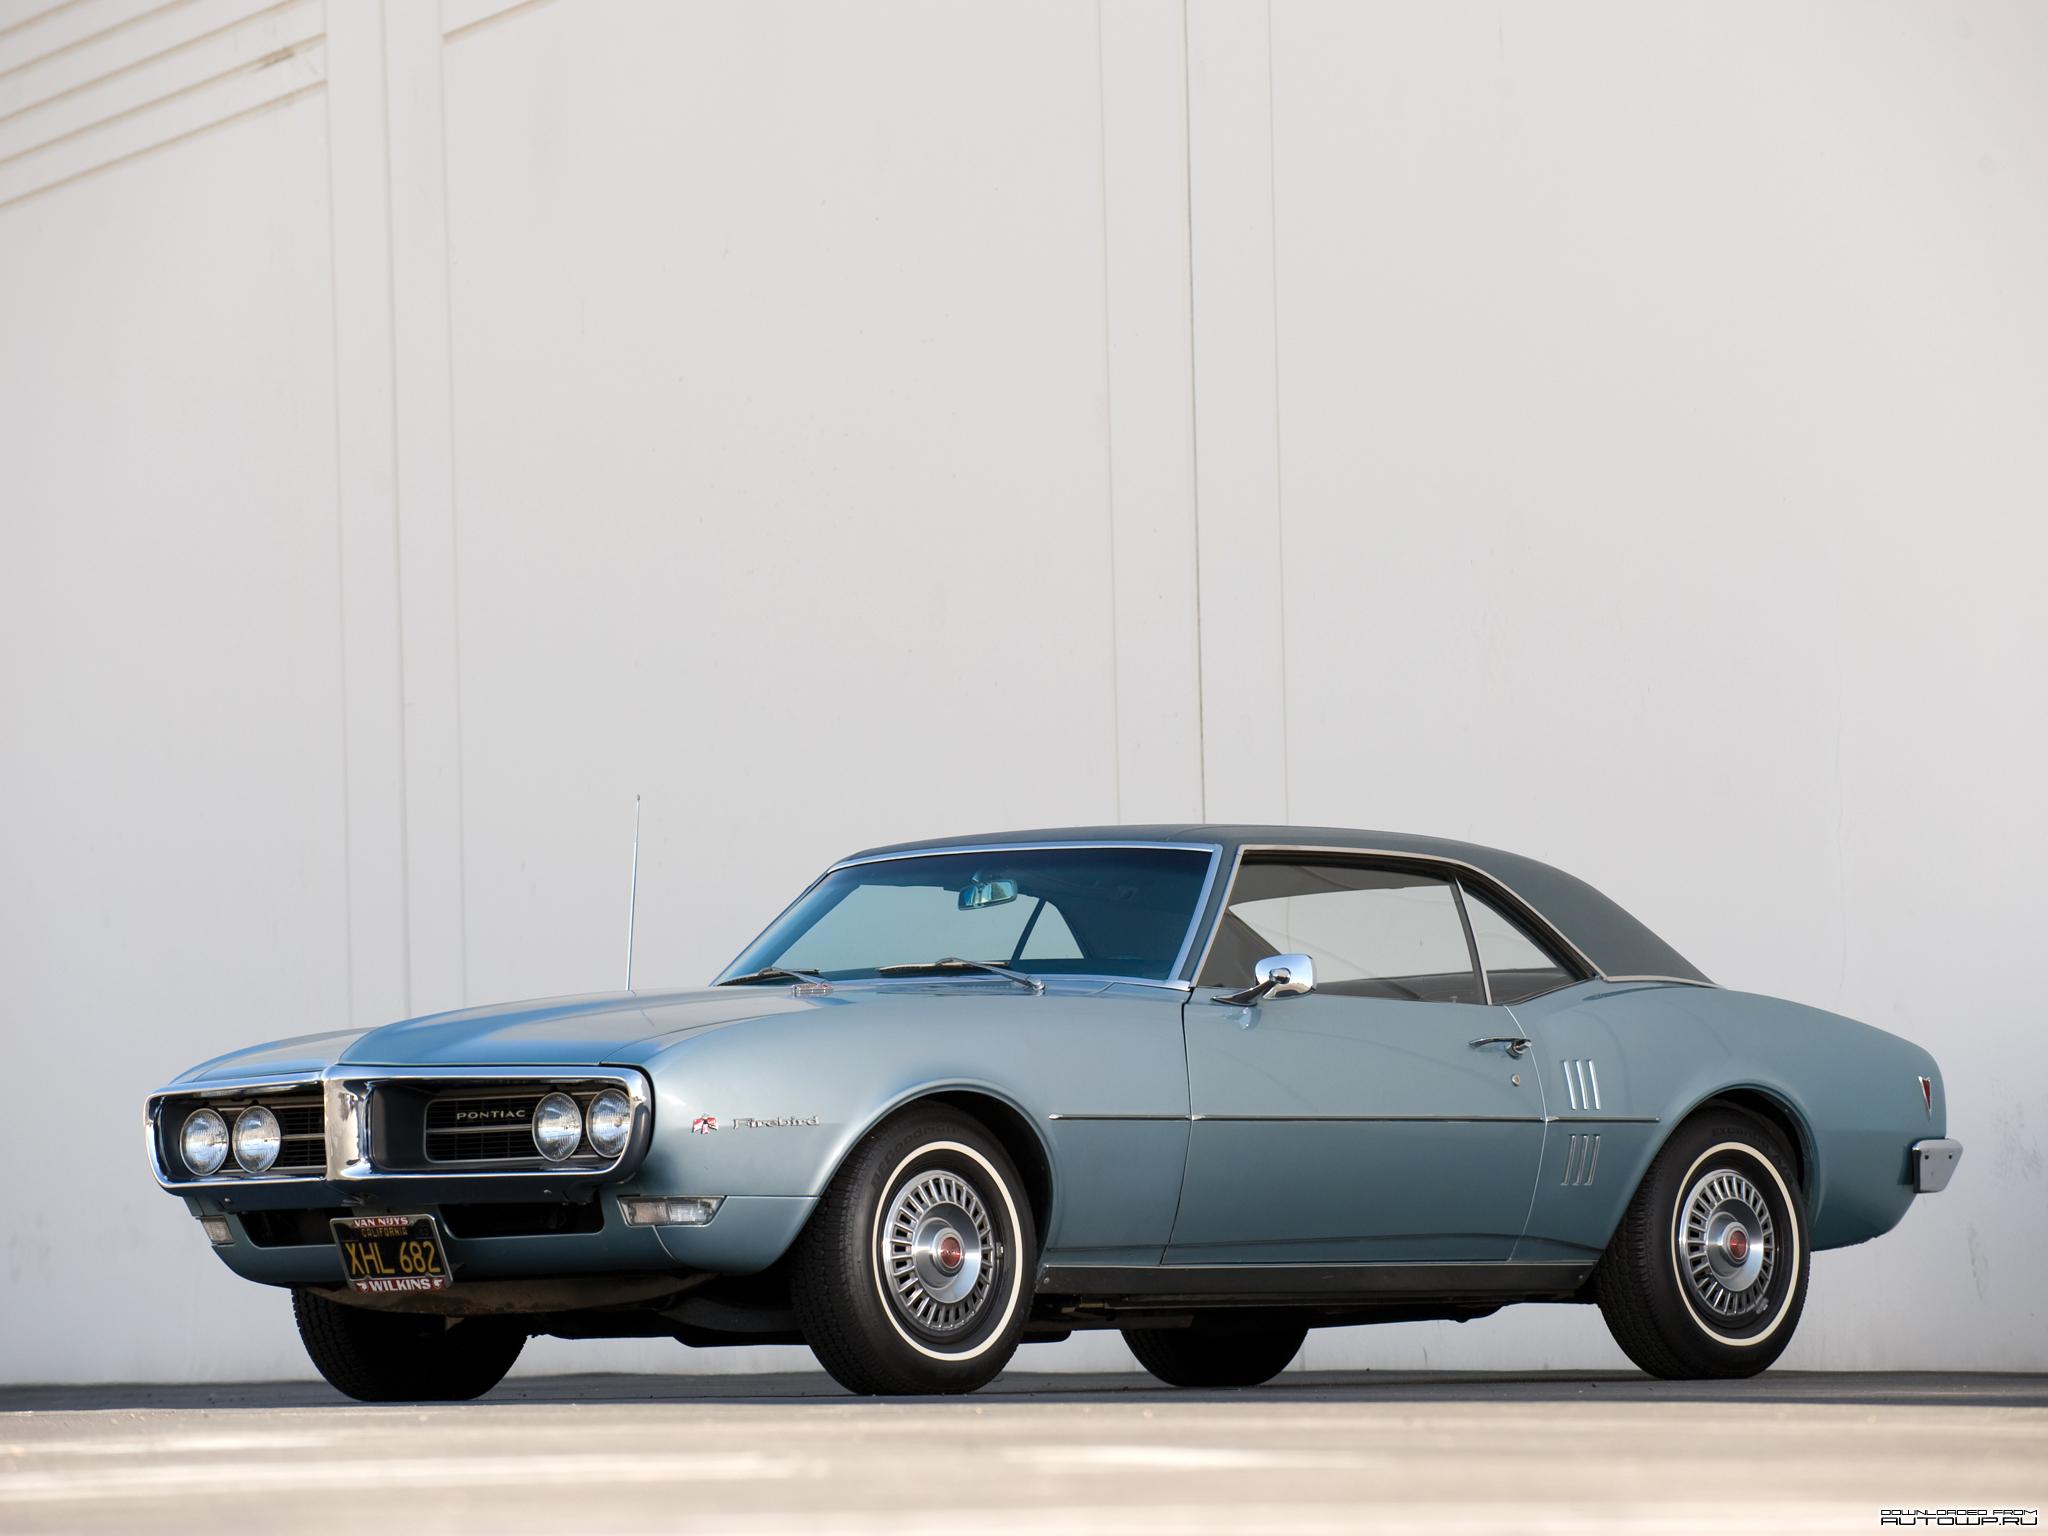 Pontiac Firebird 1968 Cars Wallpapers and photos 2048x1536